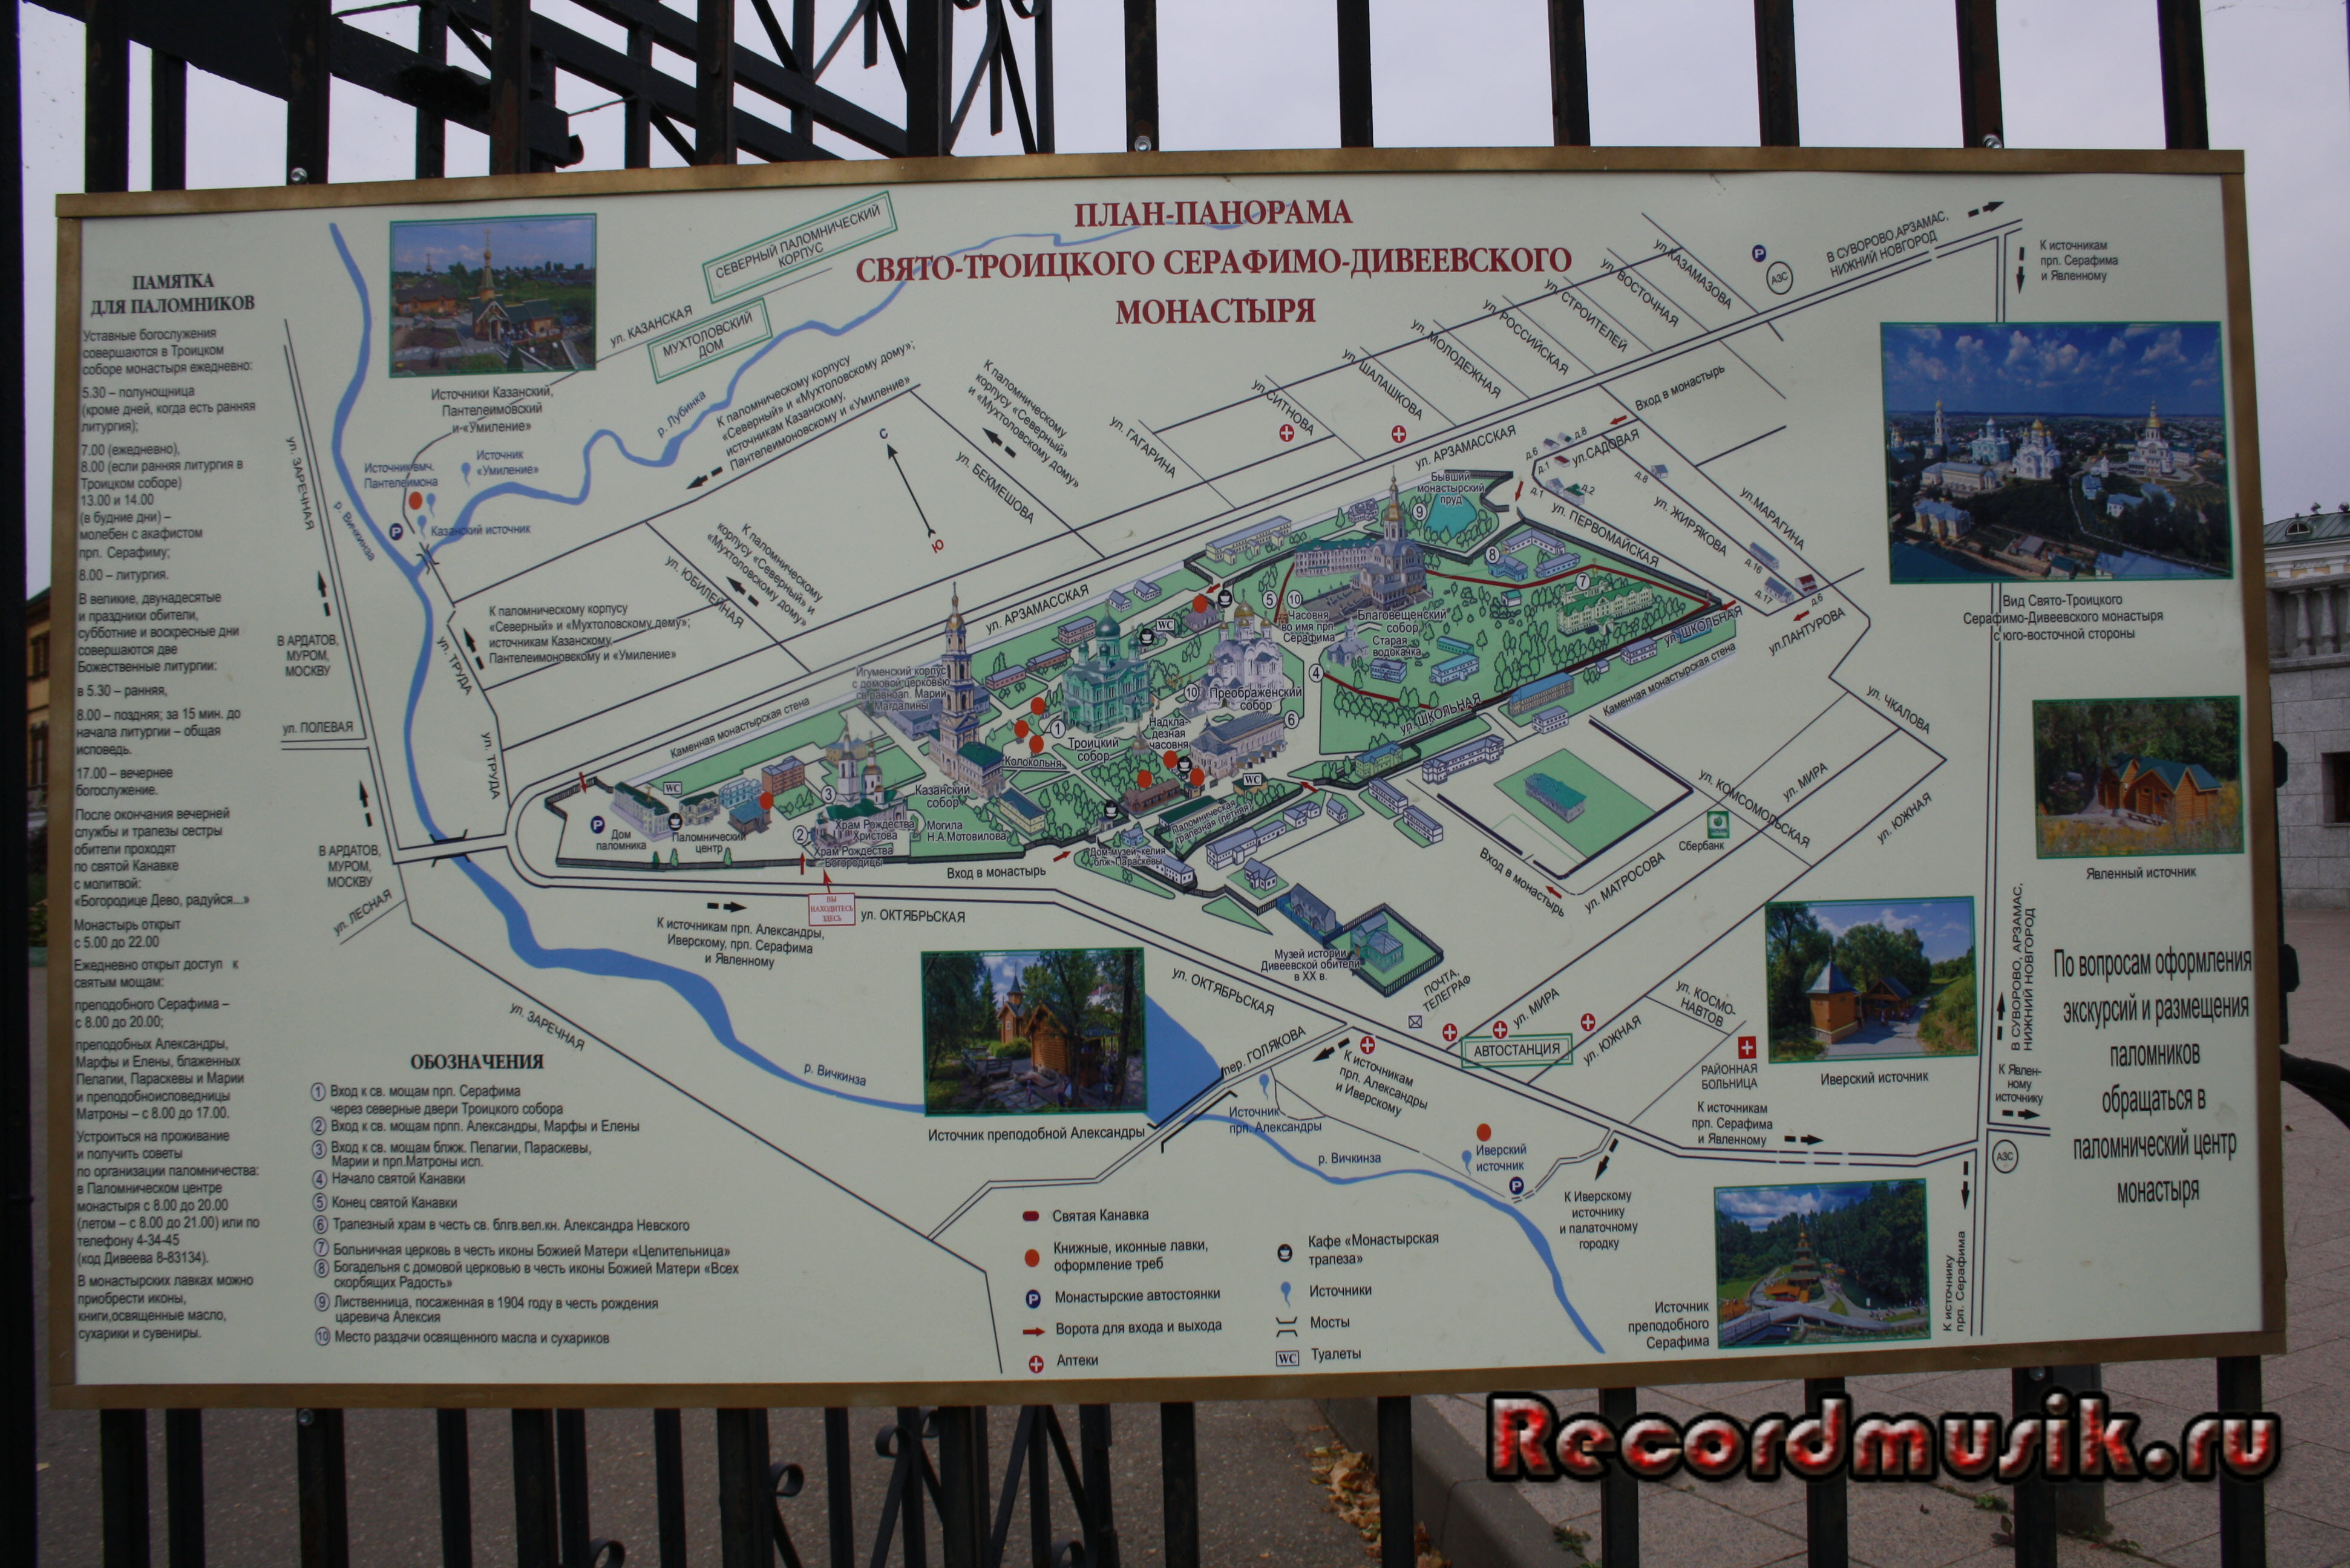 Мой отдых в Нижегородской области - план дивеевского монастыря